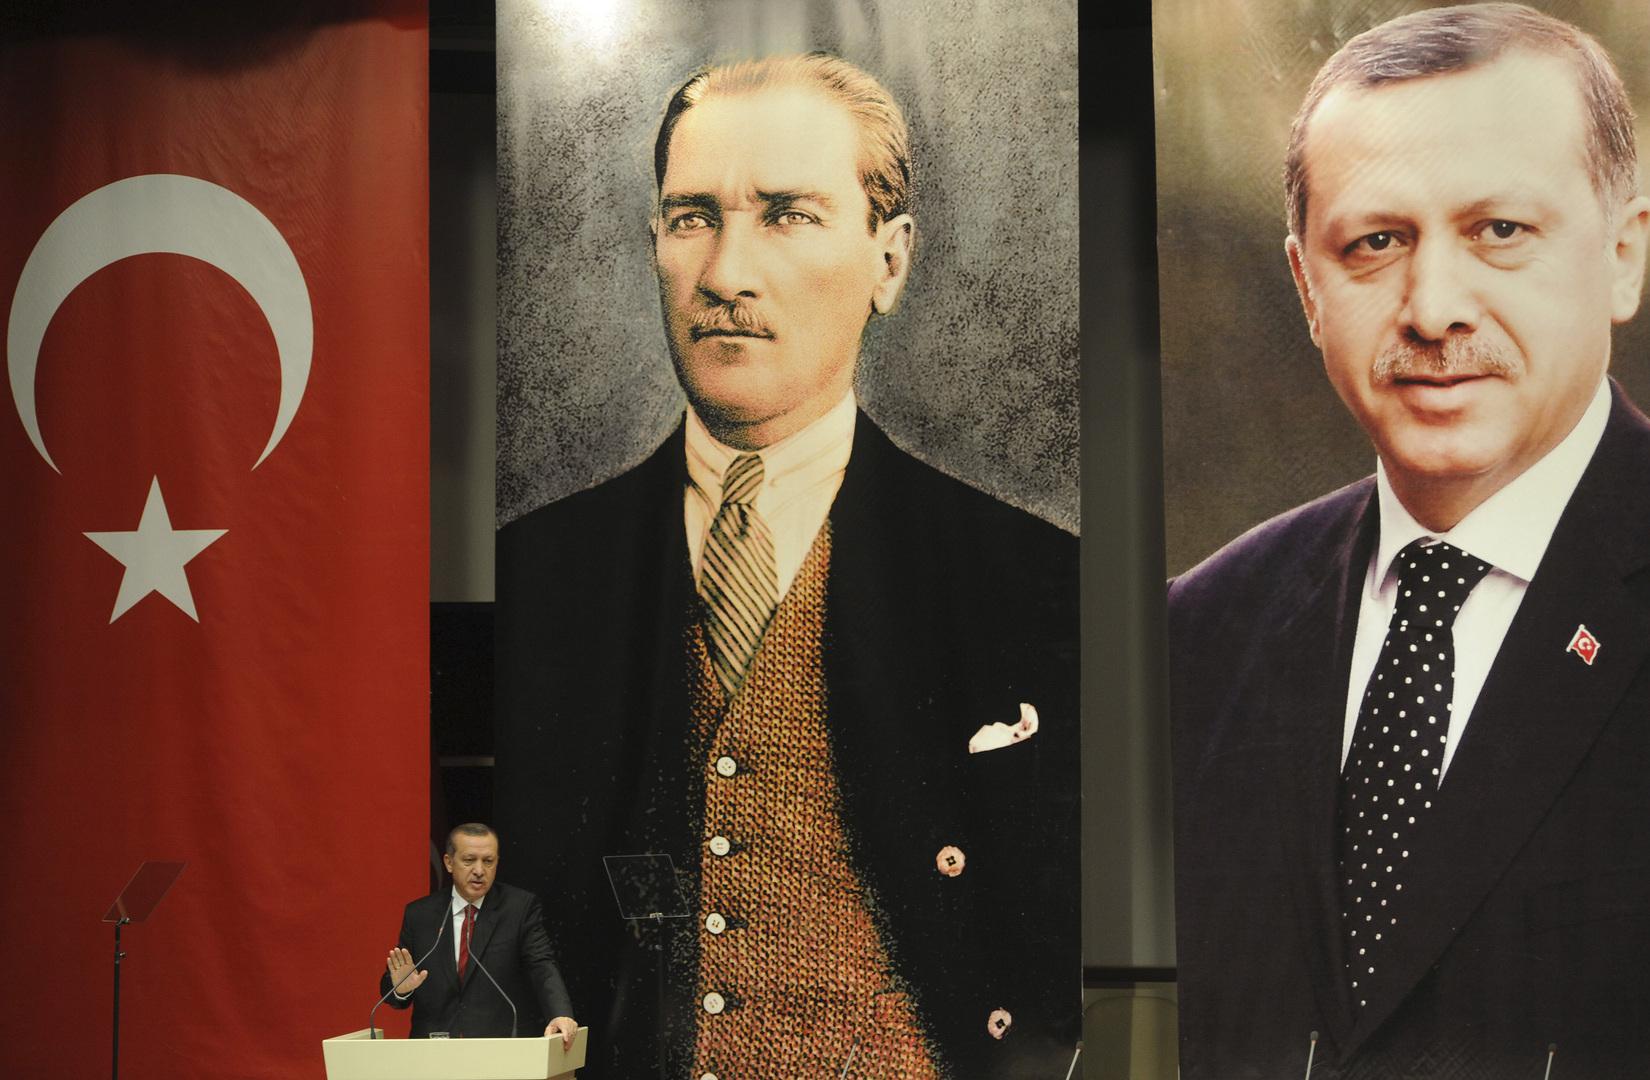 أردوغان وسر الاستشهاد بكمال أتاتورك في التمهيد للتدخل بليبيا!